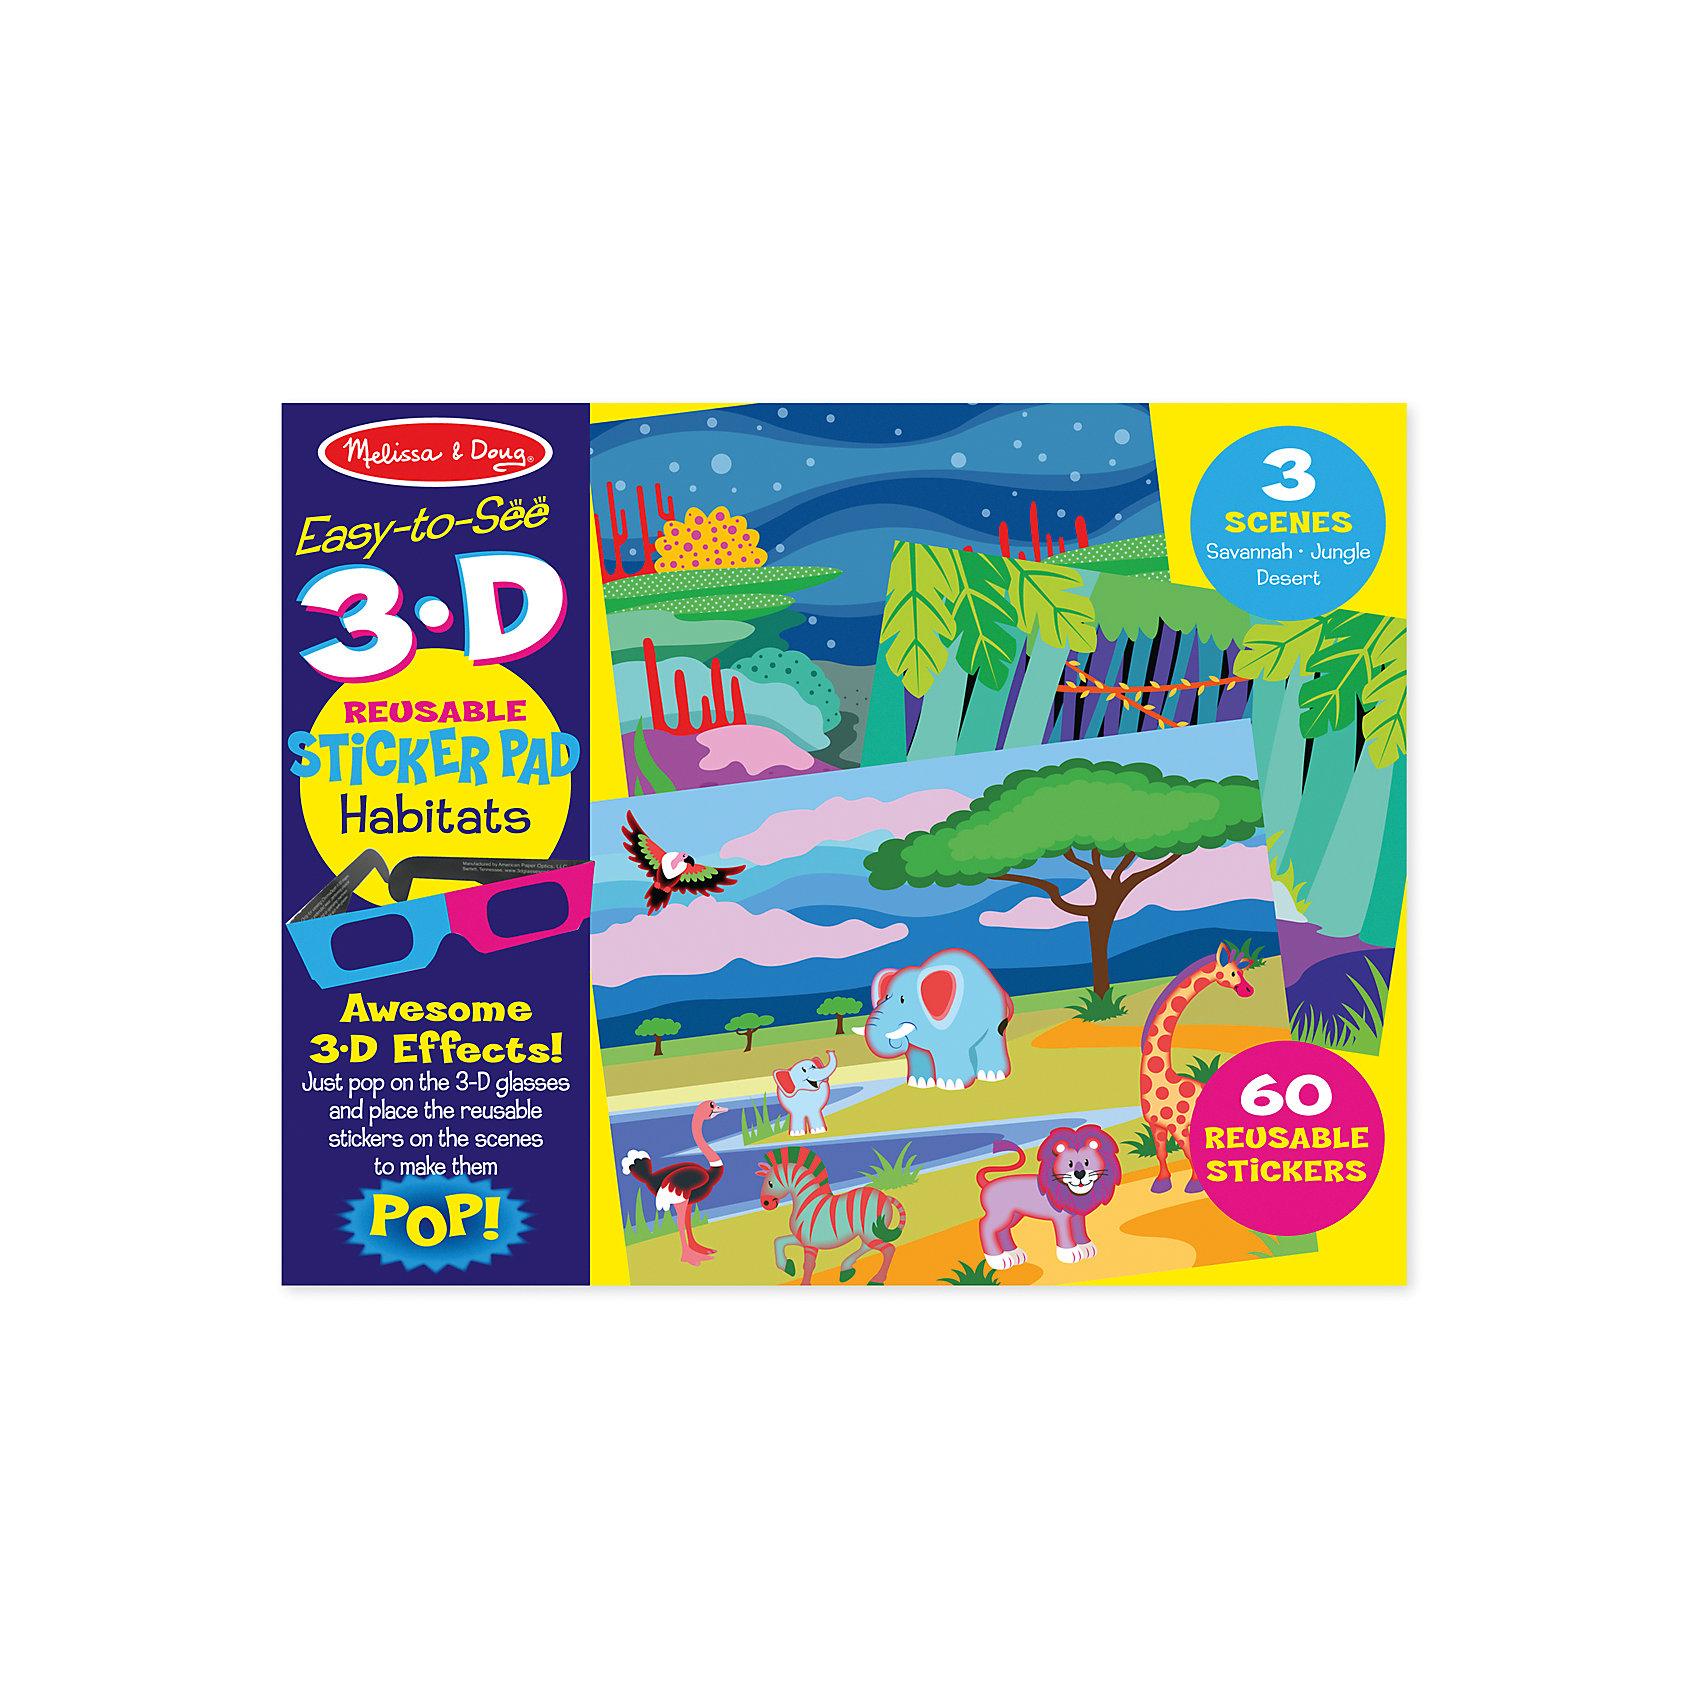 Набор стикеров с 3D-очками Среда обитанияНабор стикеров с 3D-очками Океан, Джунгли, Сафари – это комплект состоящий из трех сцен  и 109 многоразовых наклеек, здесь есть увлекательные стикеры дикой саванны, дремучих джунглей и открытого океана, а чтобы приключение вашего ребенка было более завораживающим в комплекте идут 3D- очки, с помощью них, он сможет увидеть потрясающие 3D-эффекты, а благодаря тому, что стикеры многоразовые ваш малыш сможет фантазировать, создавать  и познавать этот чудесный мир сколько ему угодно!<br><br>Дополнительная информация: <br><br>-Комплектация:  3 сцены (Океан, Джунгли, Сафари), 109 многоразовых наклеек, фон, анаглифные 3D-очки.<br>-Размер упаковки: 36х1х28 см<br>-Вес в упаковке: 295 г<br><br>Такой набор отлично тренирует логику и мелкую моторику, а так же развивает творческие навыки и художественное восприятие ребенка.<br><br>Набор стикеров с 3D-очками Приключения  можно купить в нашем магазине.<br><br>Ширина мм: 360<br>Глубина мм: 10<br>Высота мм: 280<br>Вес г: 295<br>Возраст от месяцев: 48<br>Возраст до месяцев: 180<br>Пол: Унисекс<br>Возраст: Детский<br>SKU: 4720642